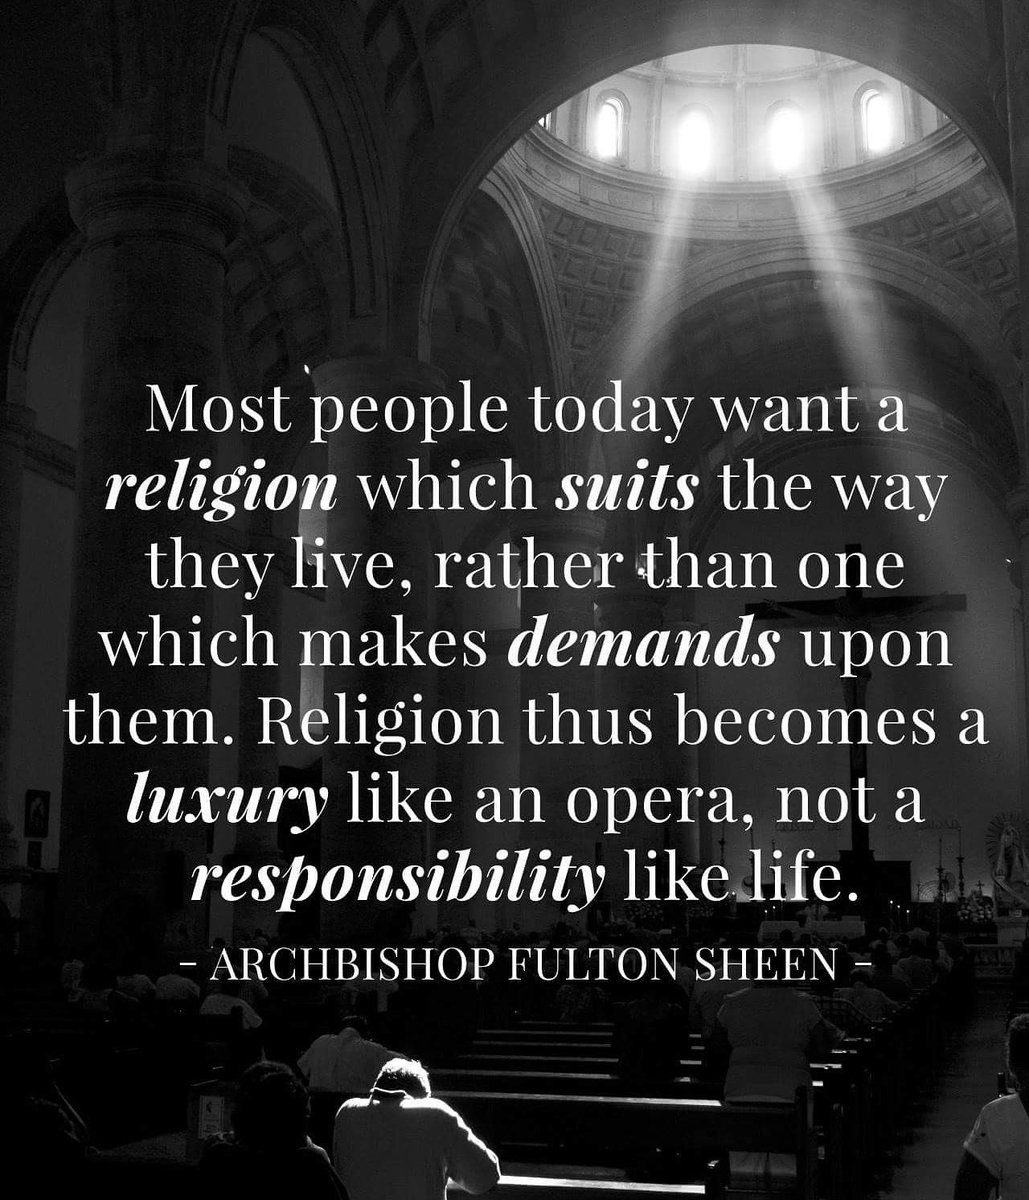 Faith. #catholic #faith #religion #christian <br>http://pic.twitter.com/pMyFc0k540